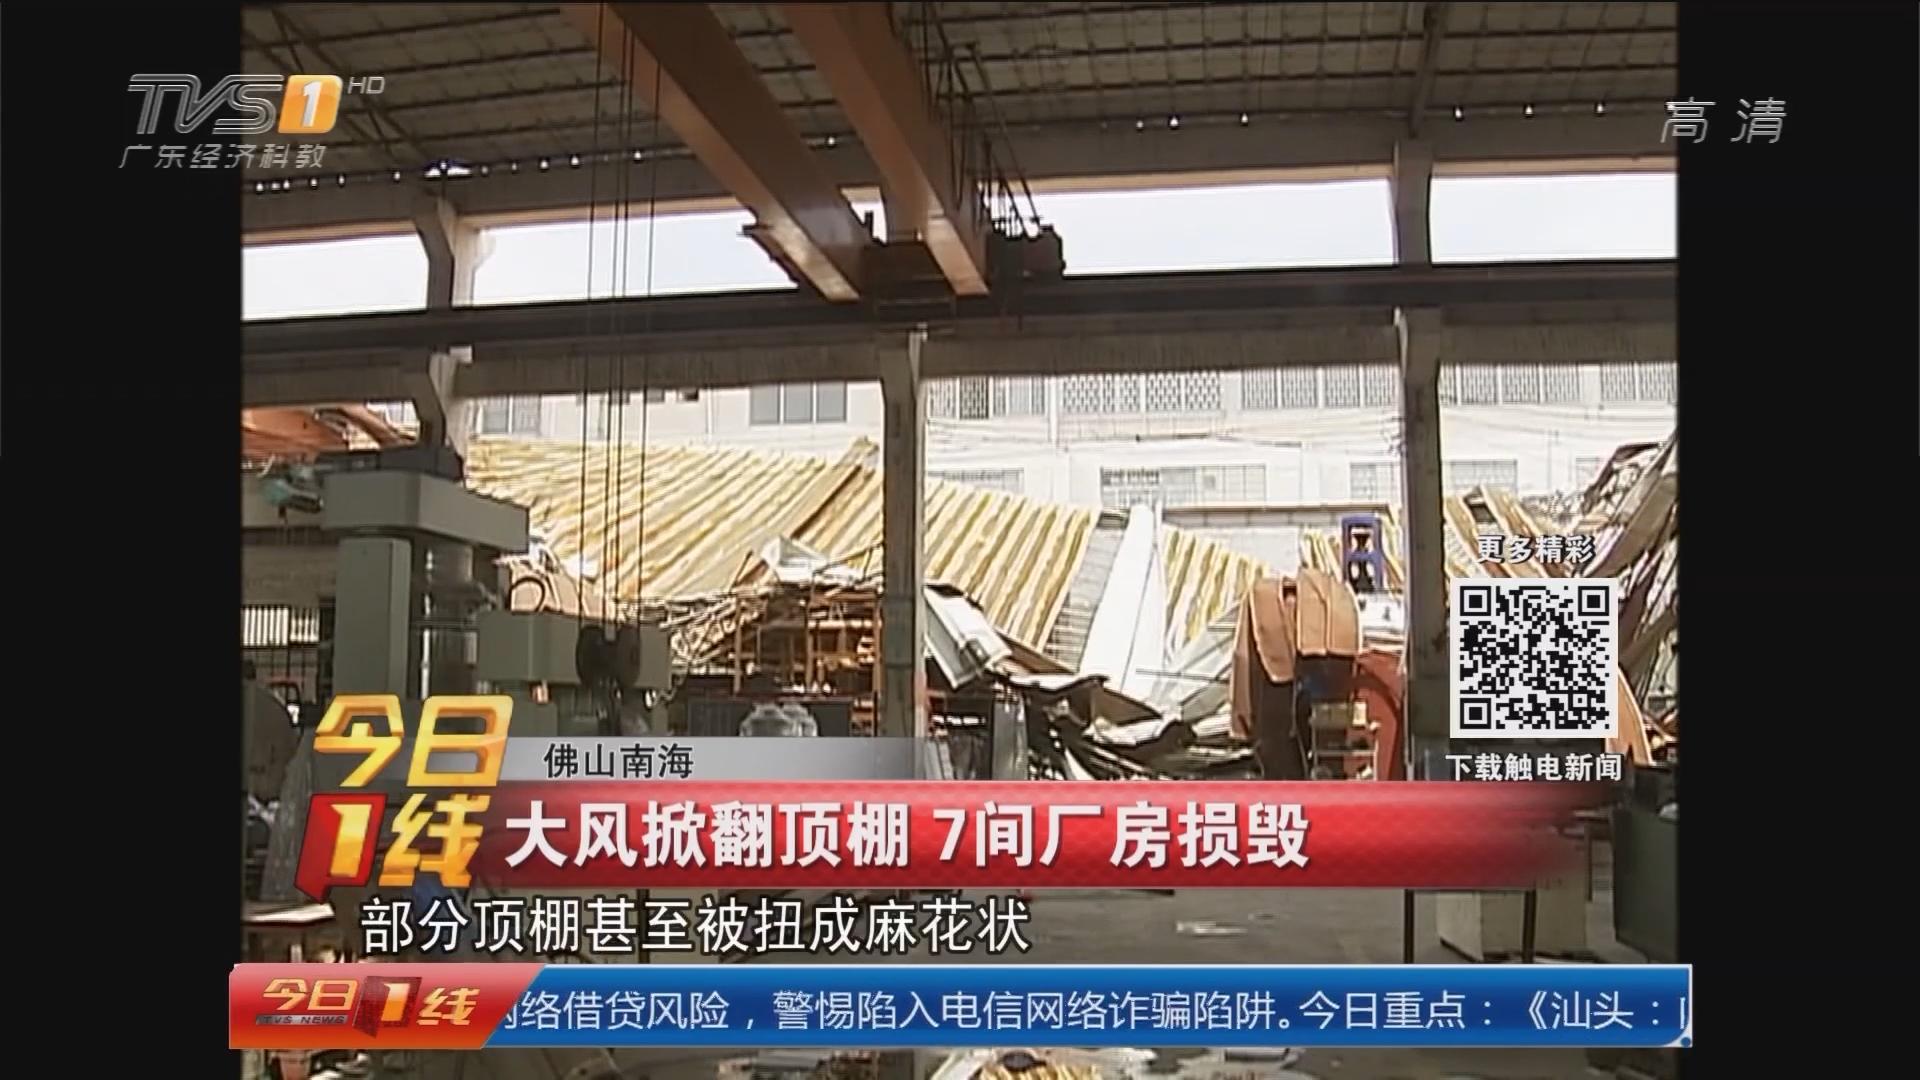 佛山南海:大风掀翻顶棚 7间厂房损毁